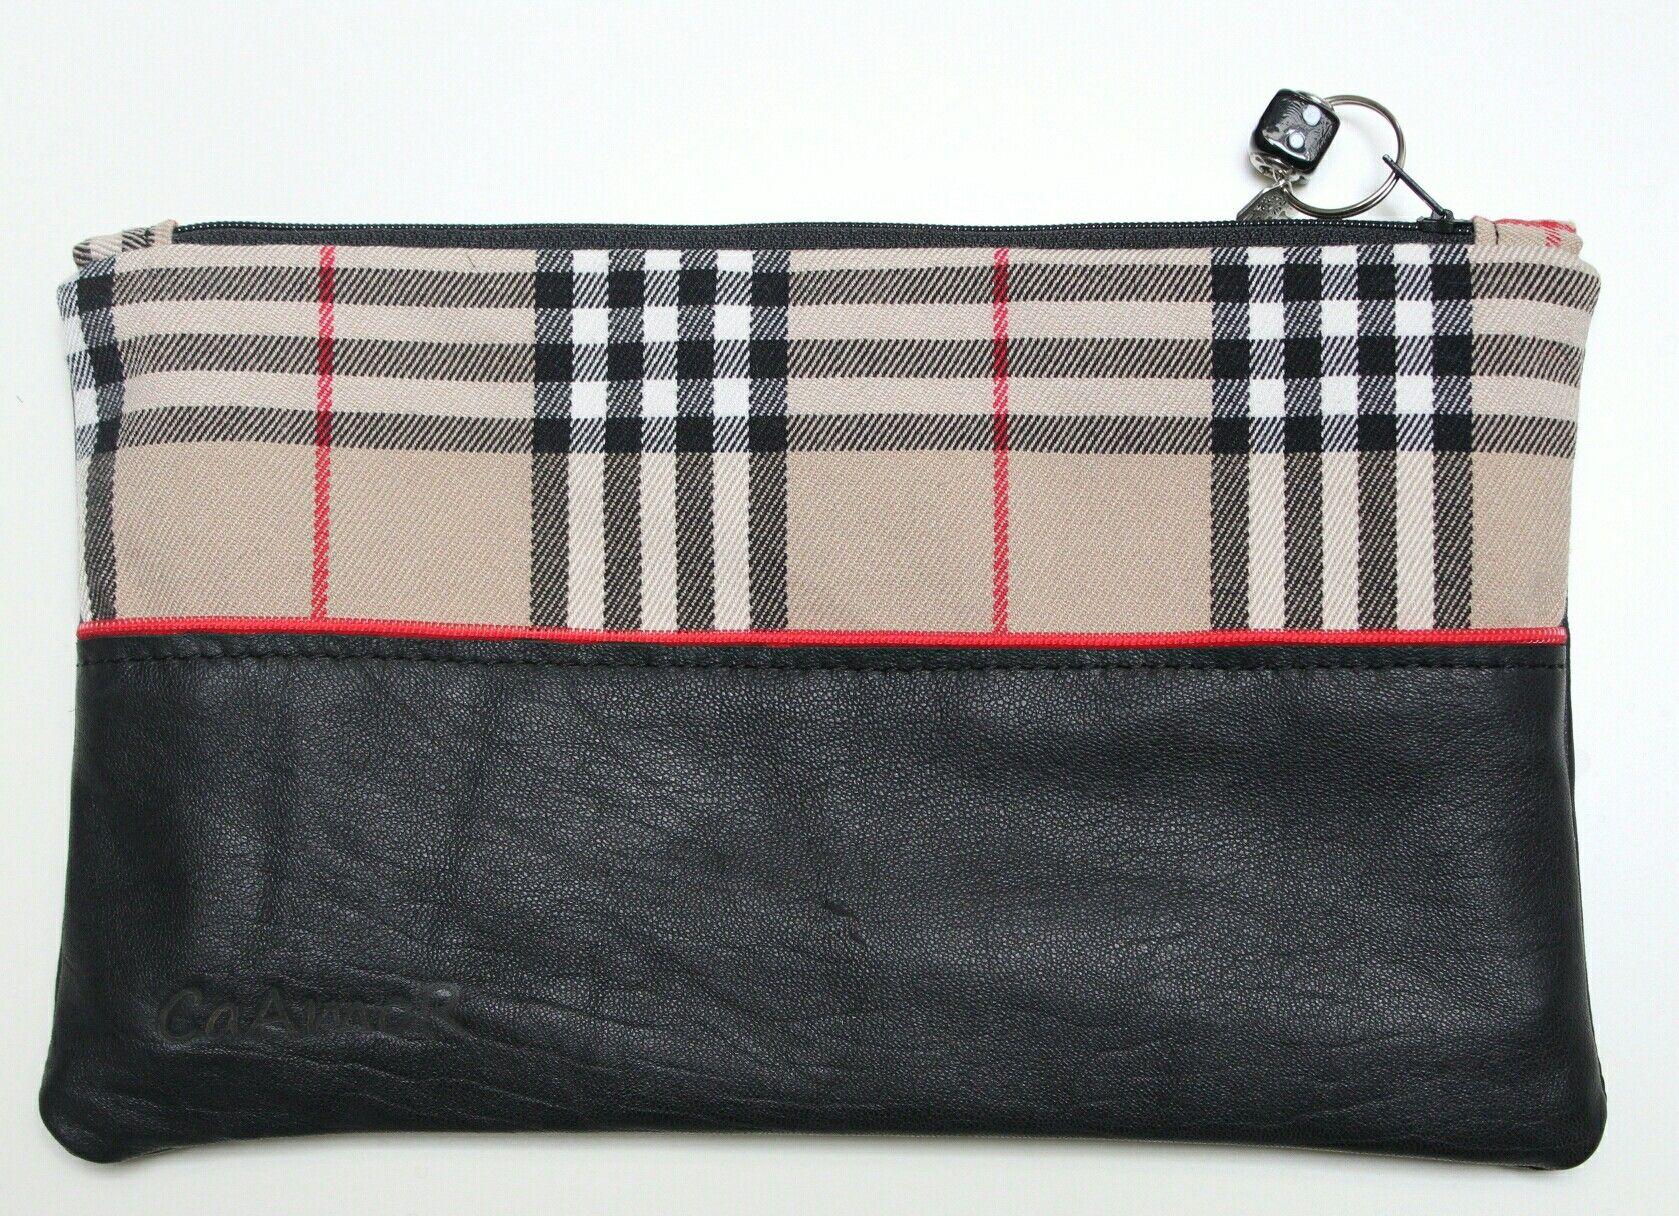 aca7978a5ec9 Die Gürteltasche mit Burberry Muster ist für viele ein Klassiker. Ein must  have in fast